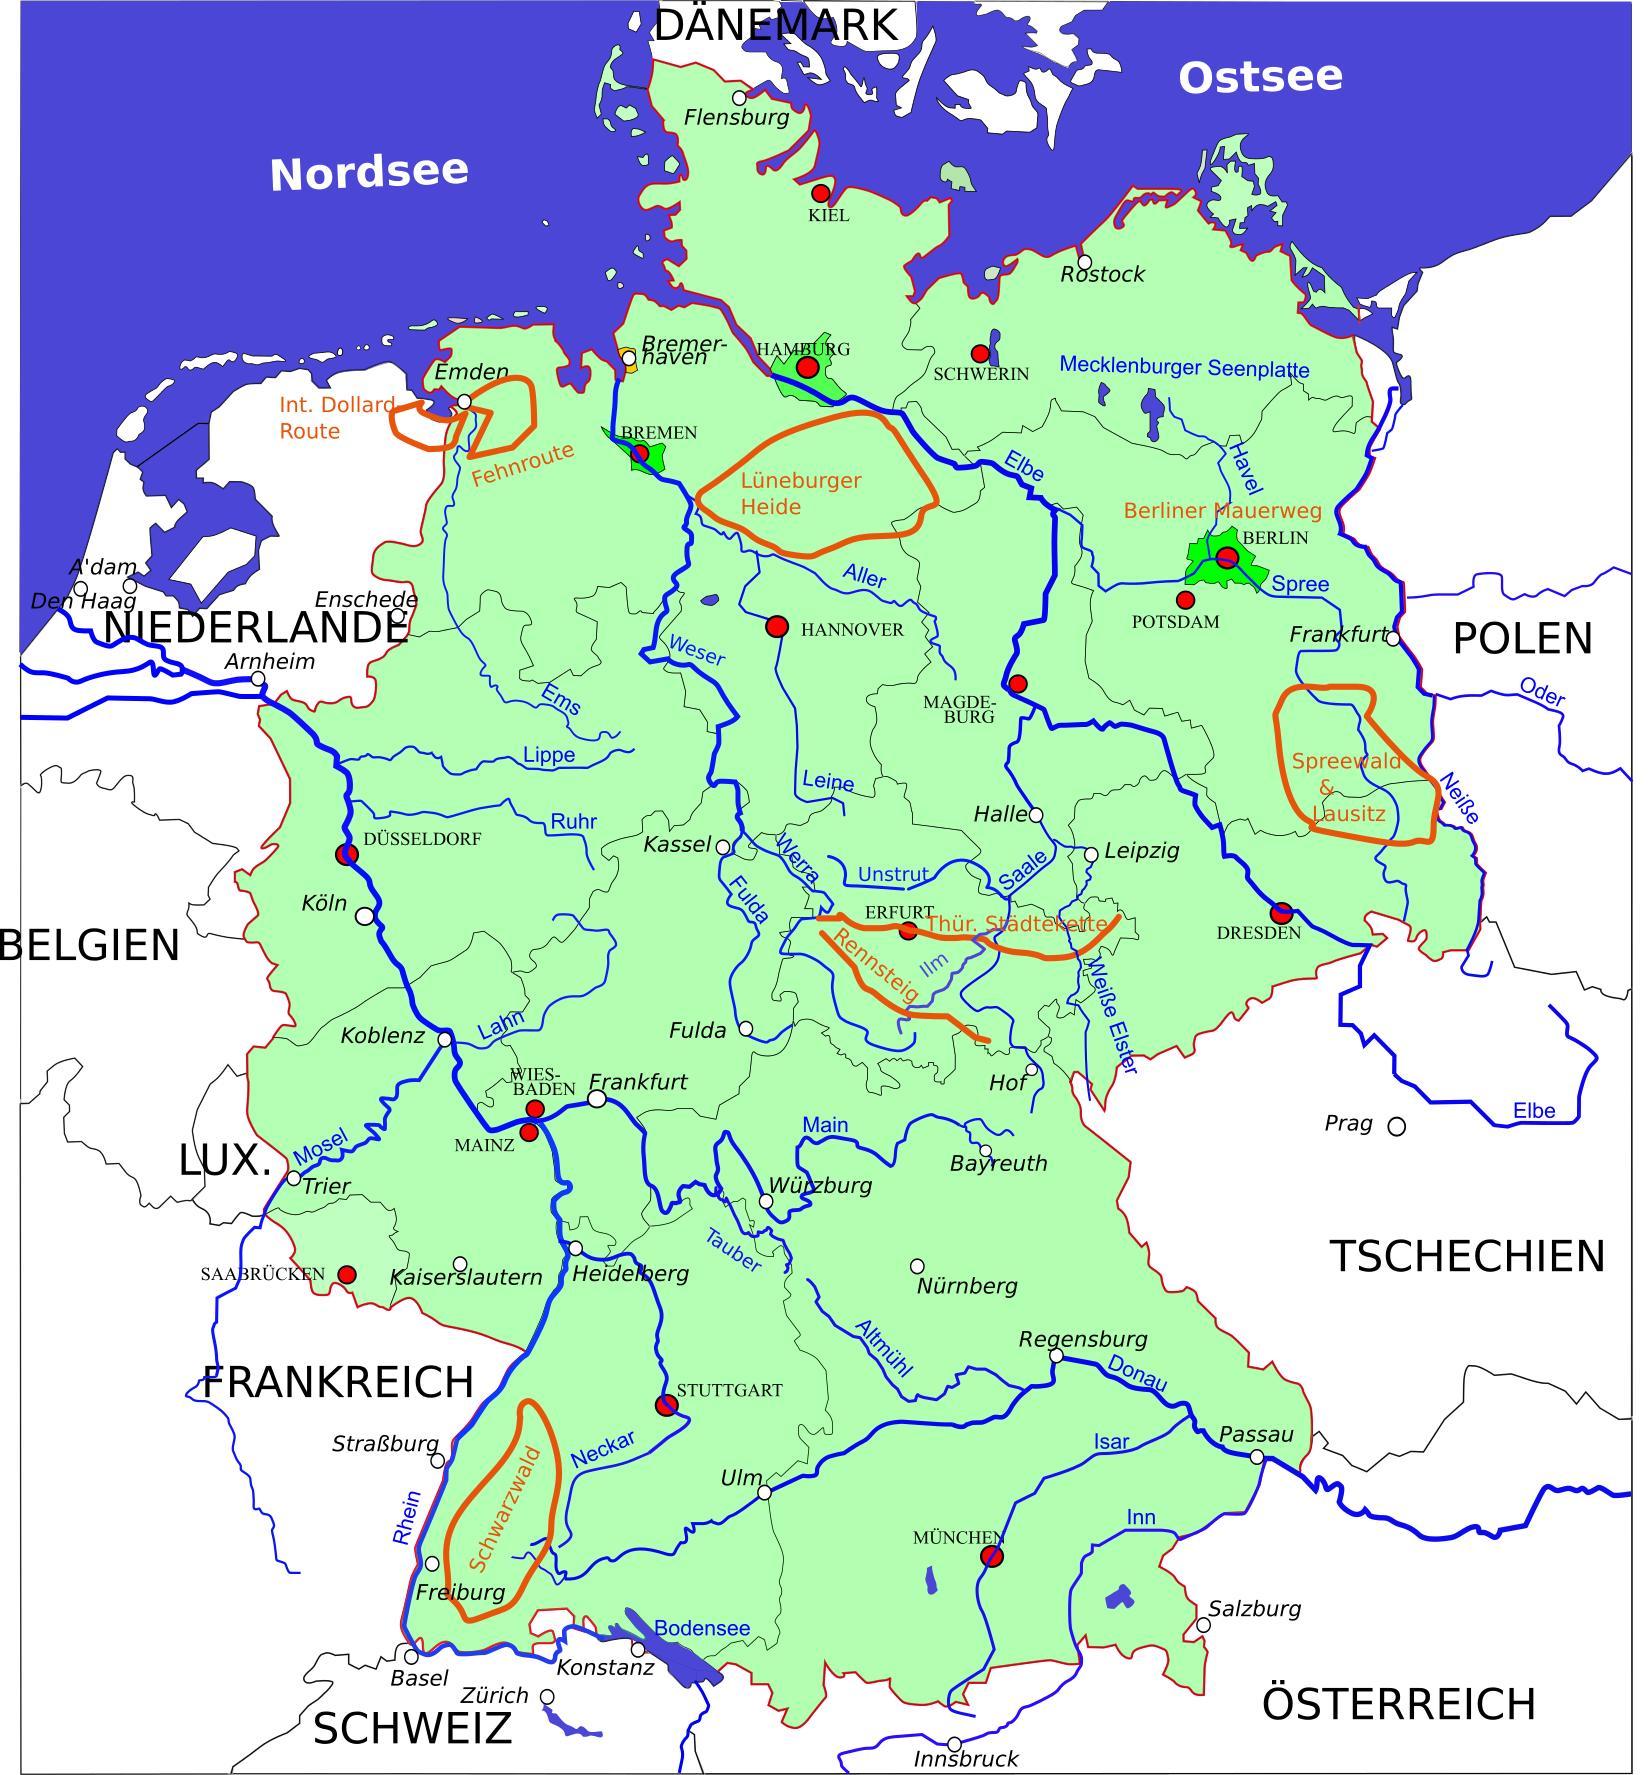 Fahrradwege Ostfriesland Karte.Dollard Route 8 Tage Tour